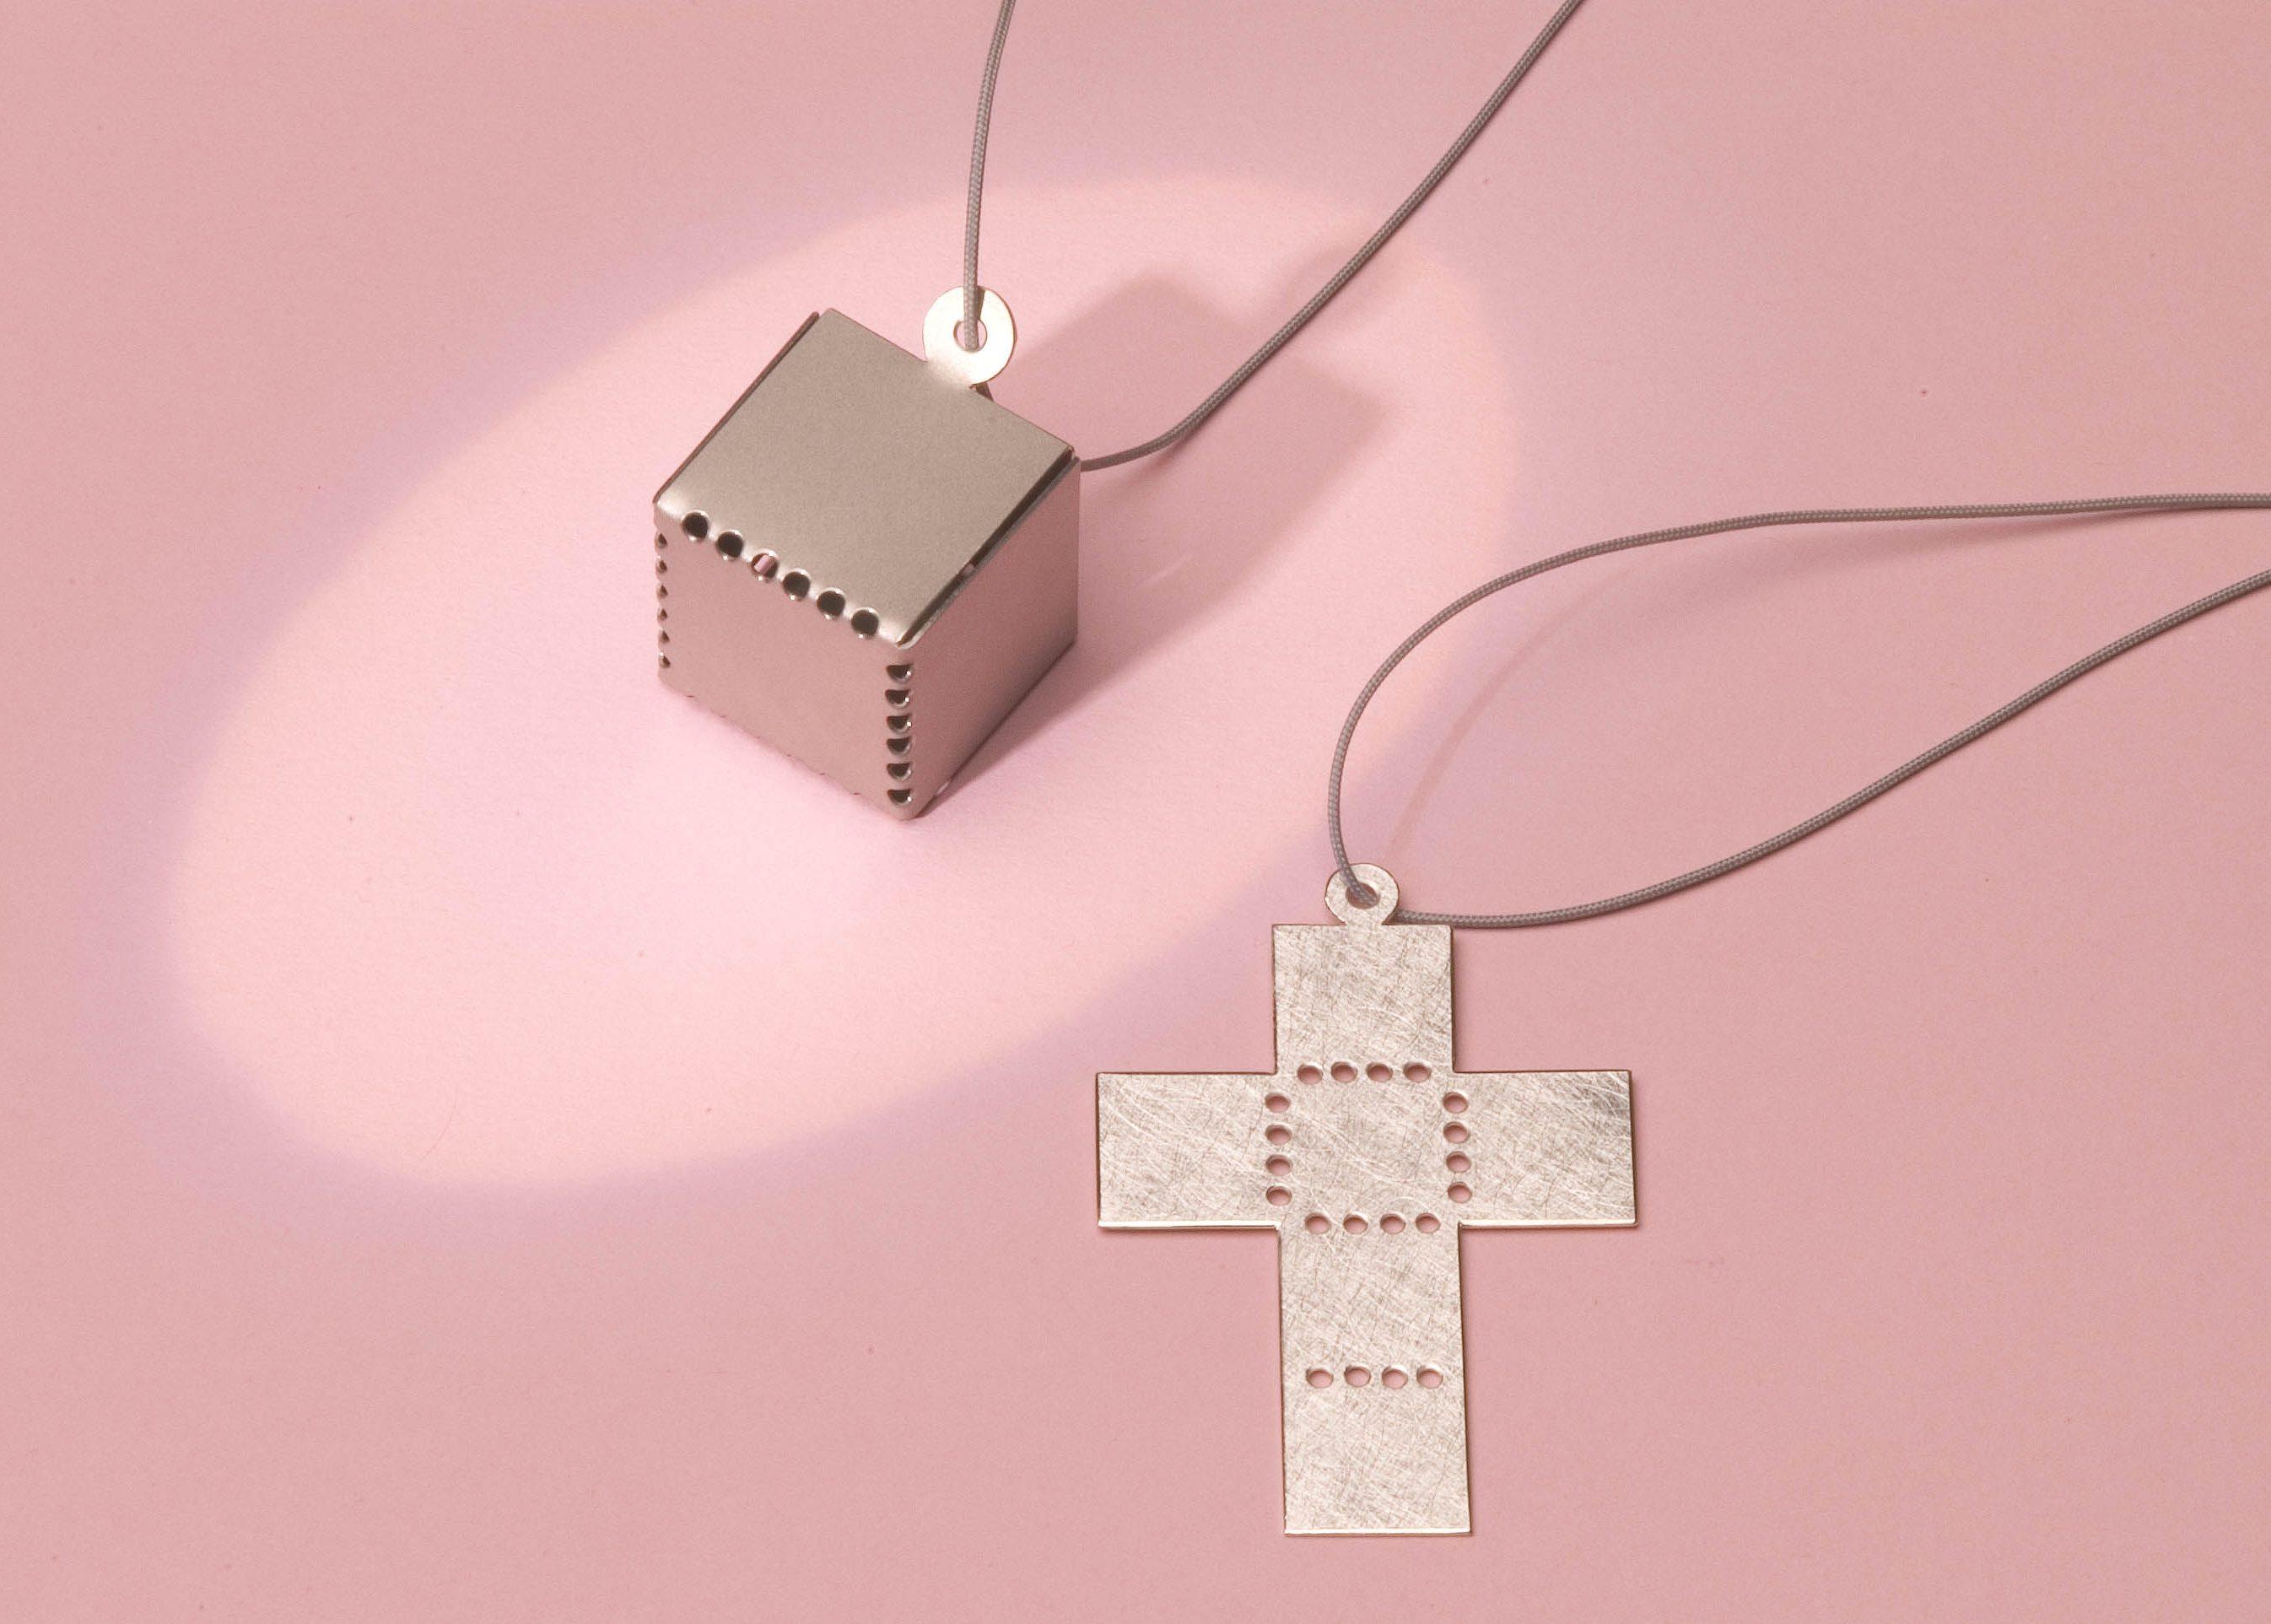 Pauline Barendse, It's just a box, hanger, 2004, metaal, koord